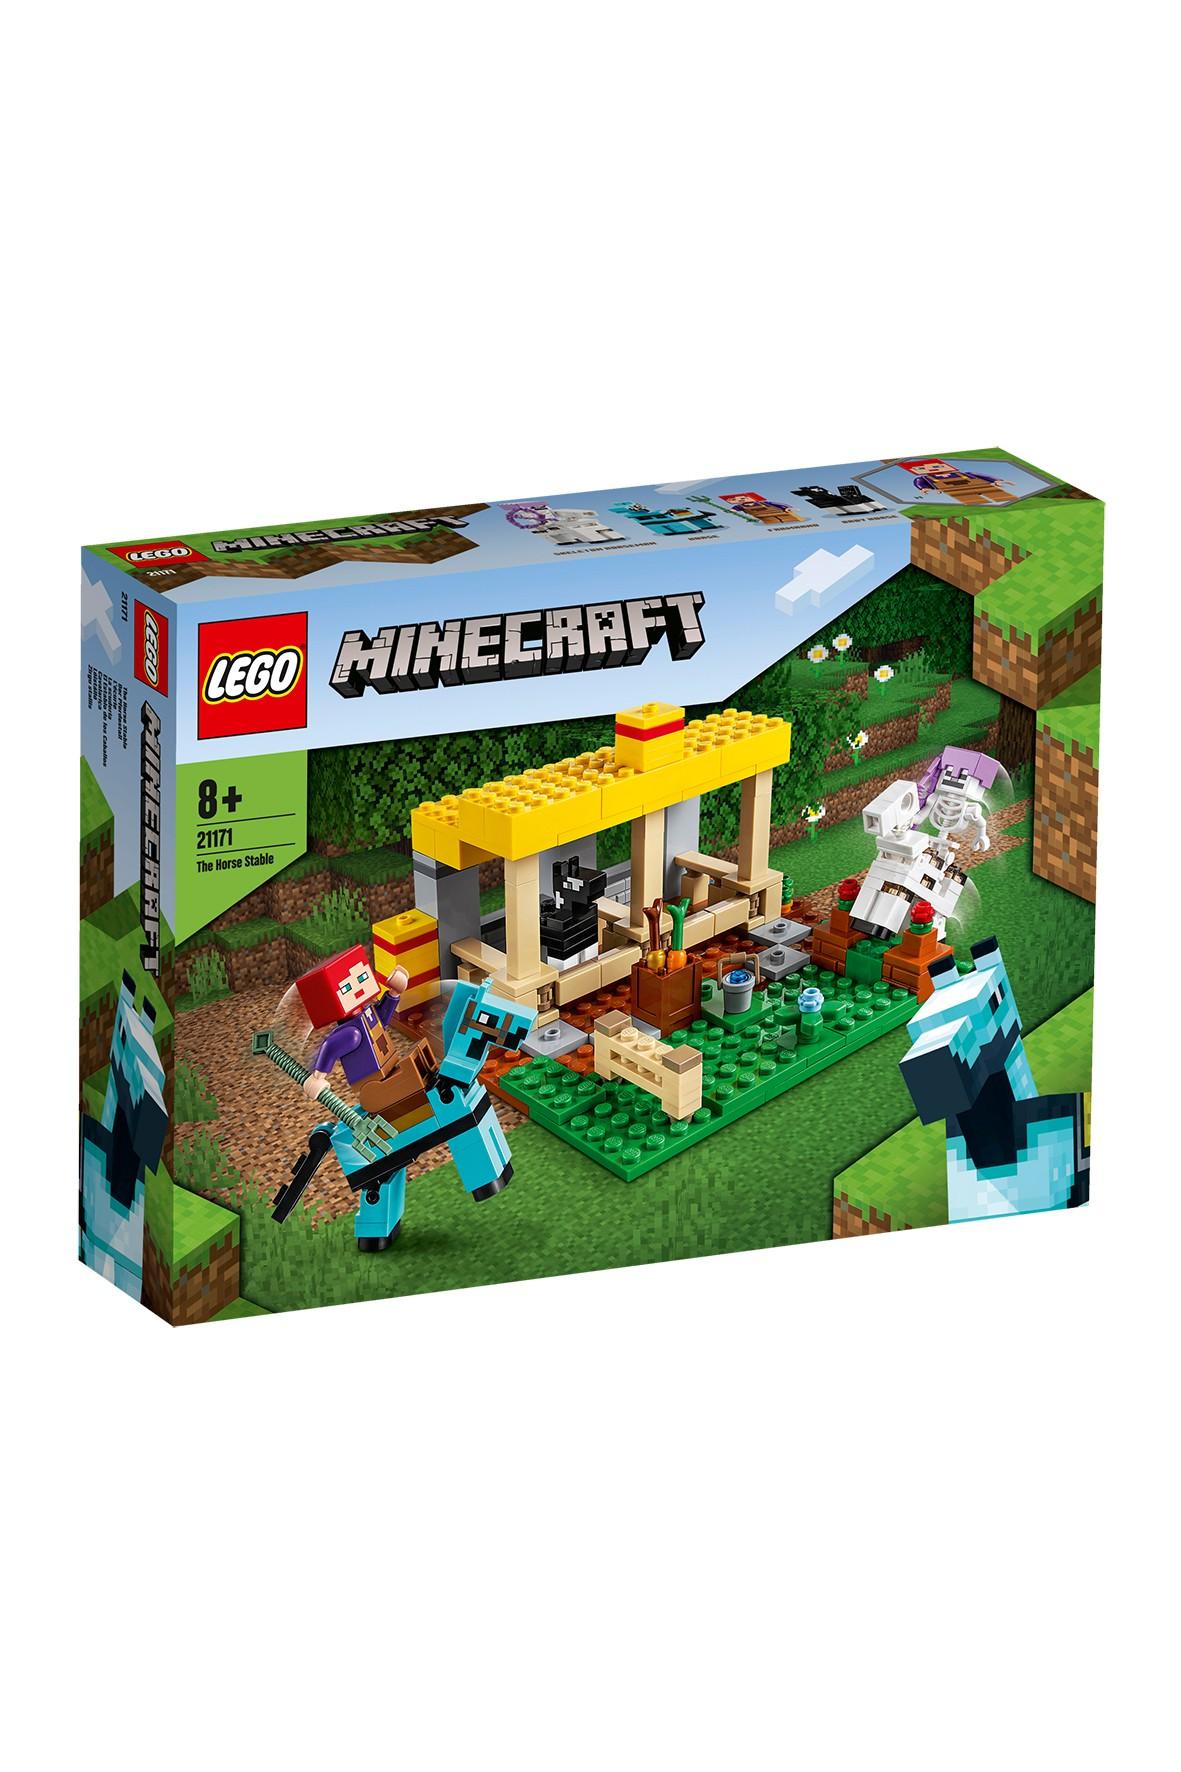 LEGO Minecraft - Stajnia 21171 - 241 el wiek 8+